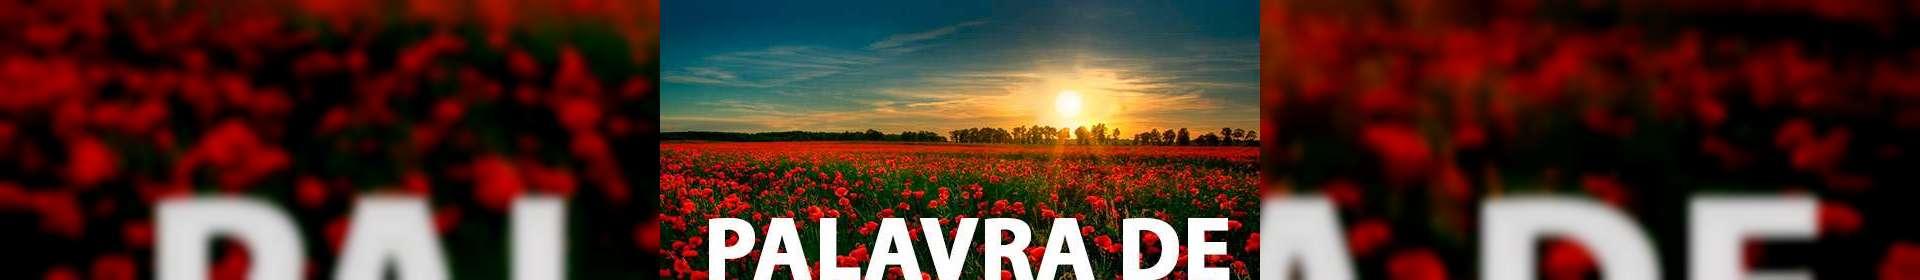 Salmos 119:11 - Uma Palavra de Esperança para sua vida